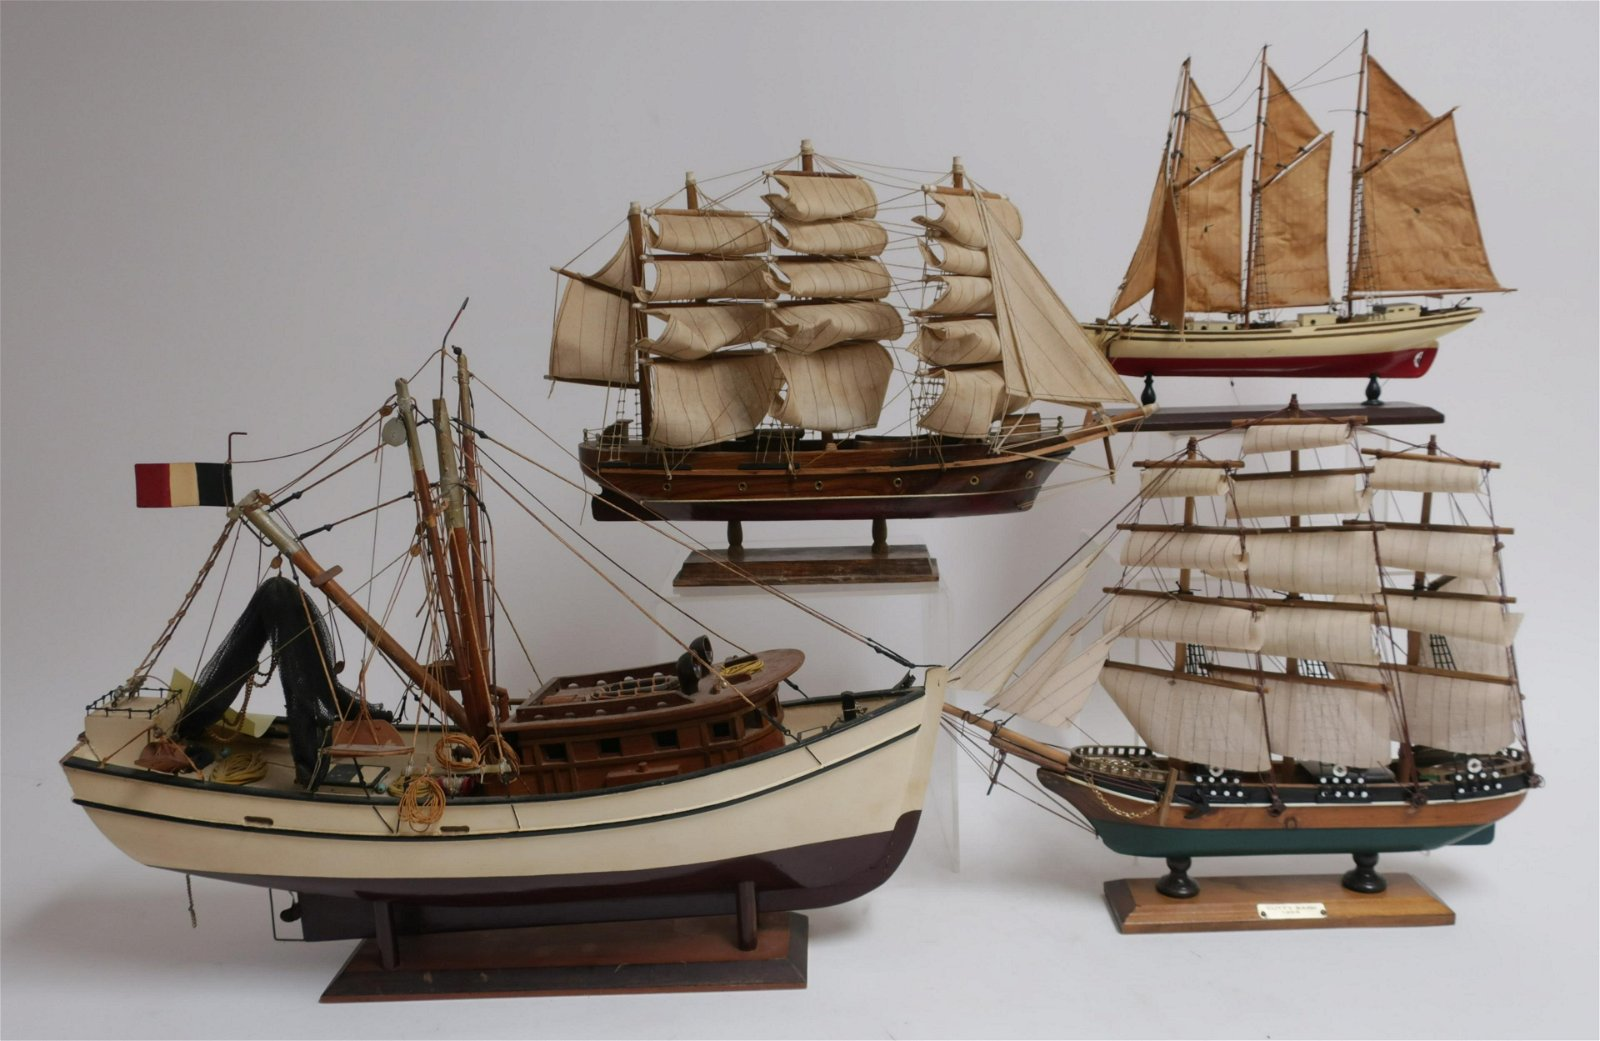 Ship Models: Tall Masted, Trawler